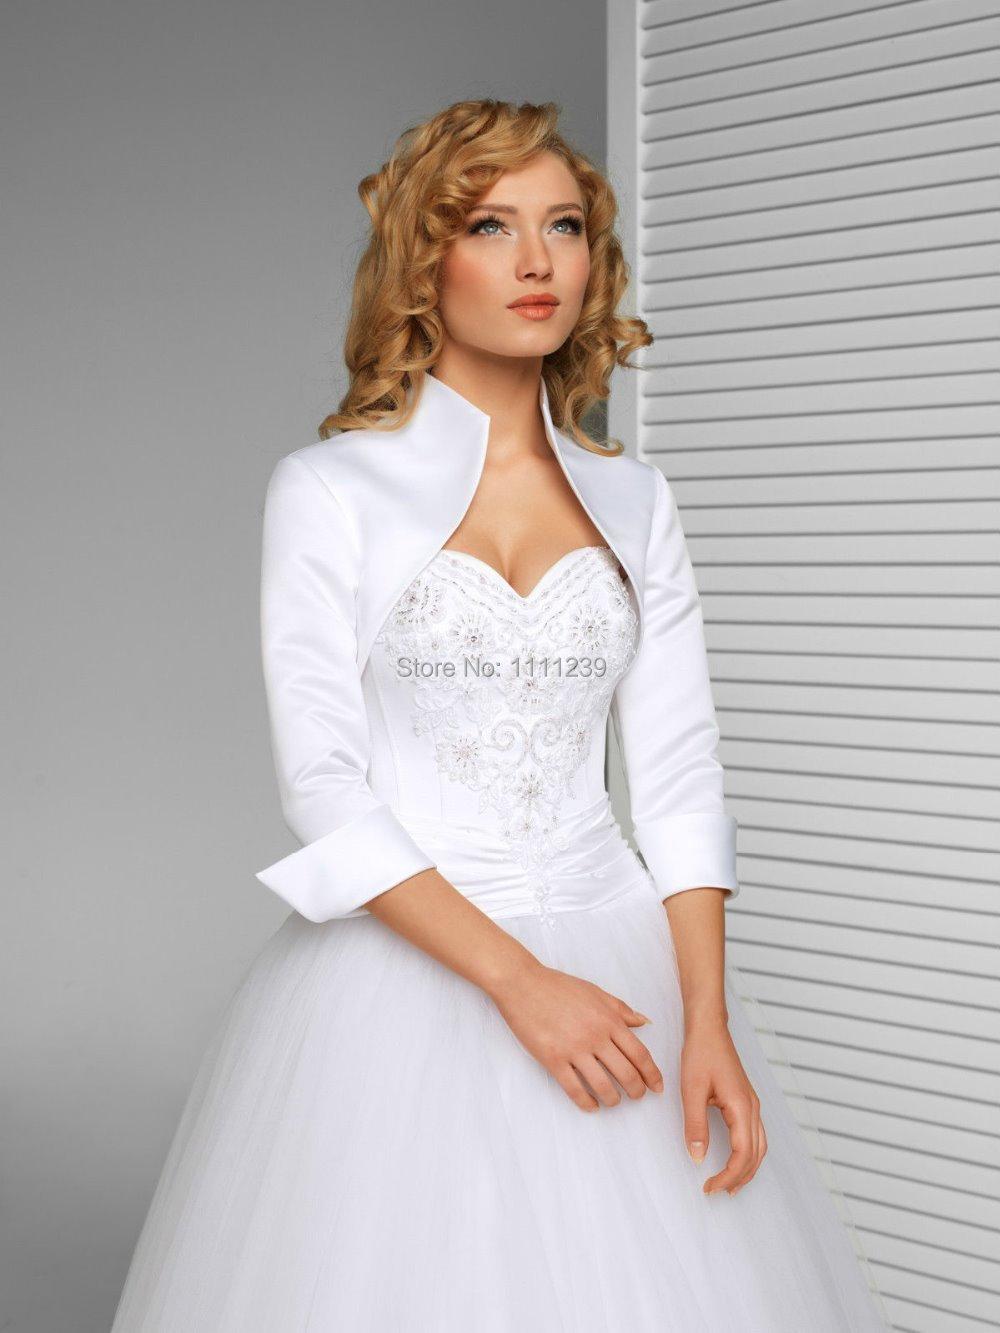 New wedding satin shrug bridal bolero jacket coat ds0597 for White bolero for wedding dress